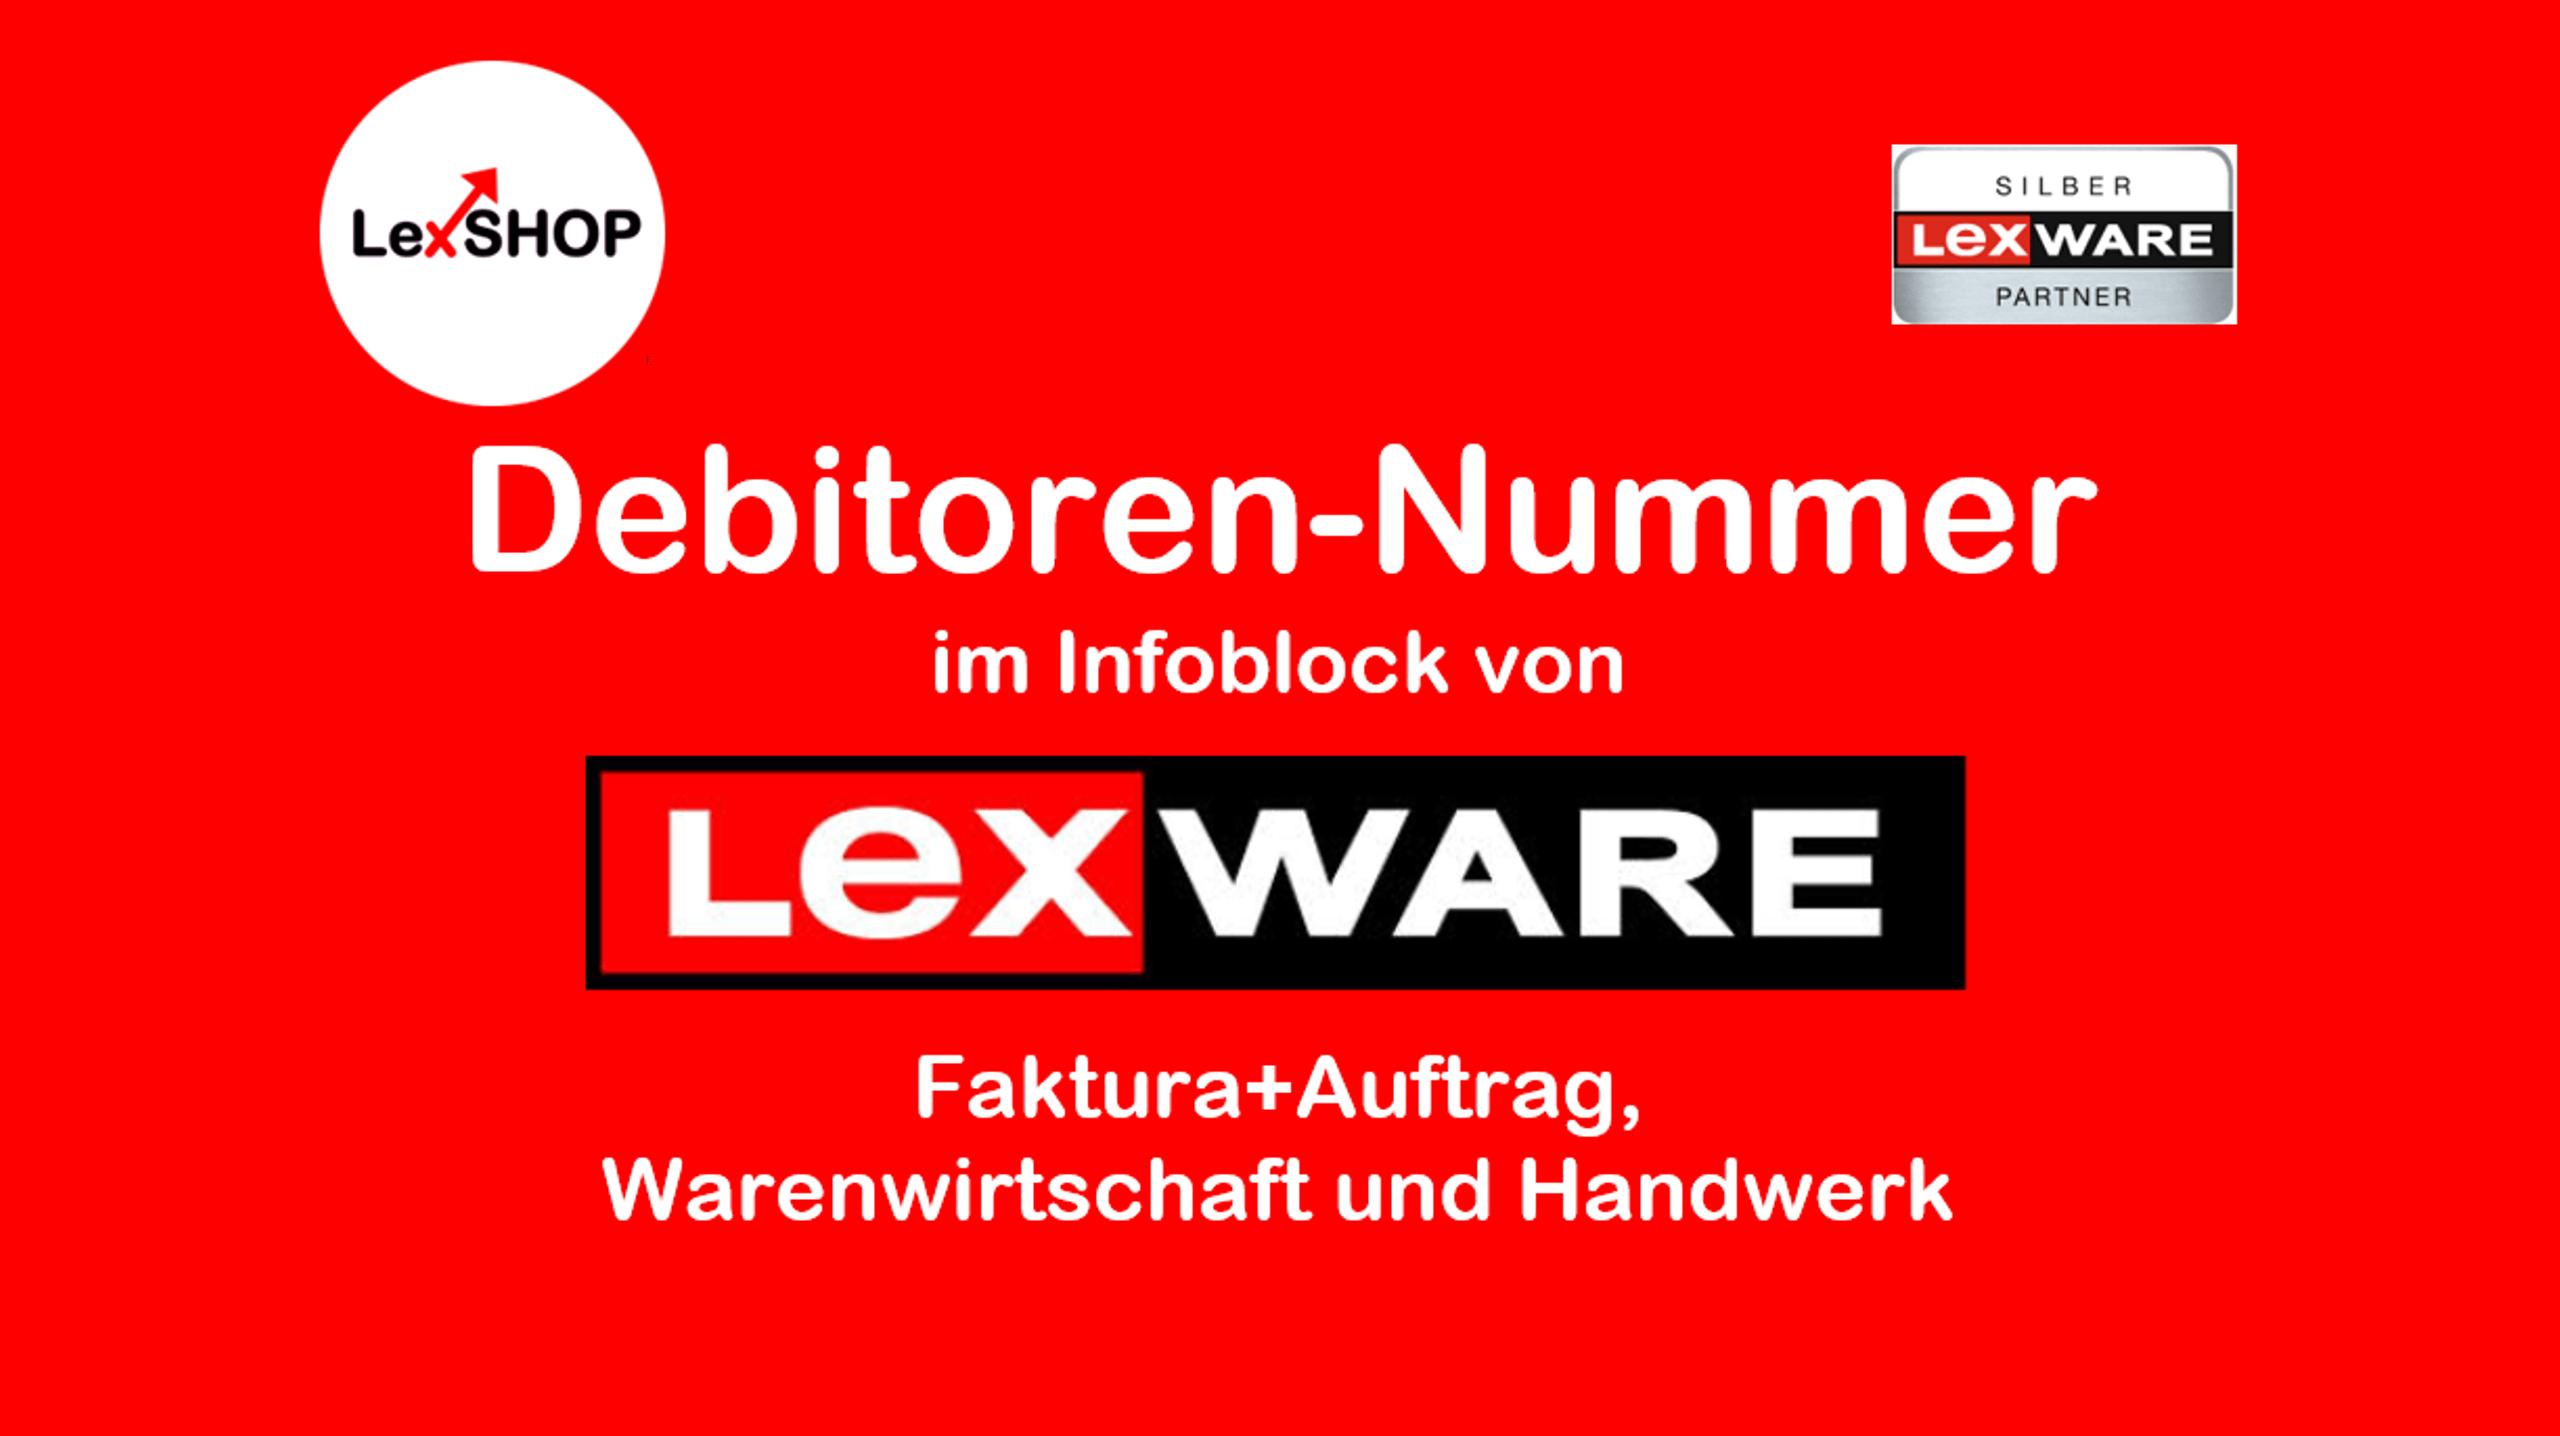 Debitorennummer im Infoblock